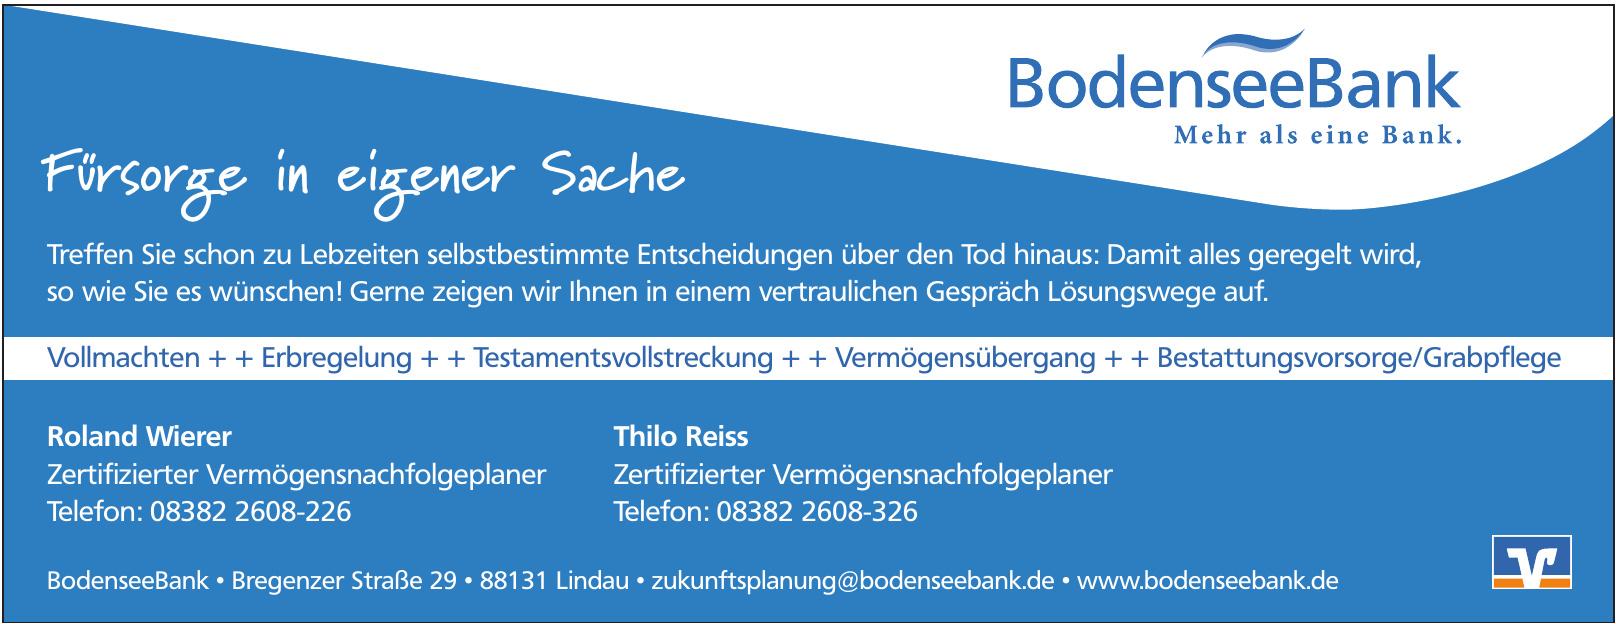 Bayerische BodenseeBank - Raiffeisen - eG